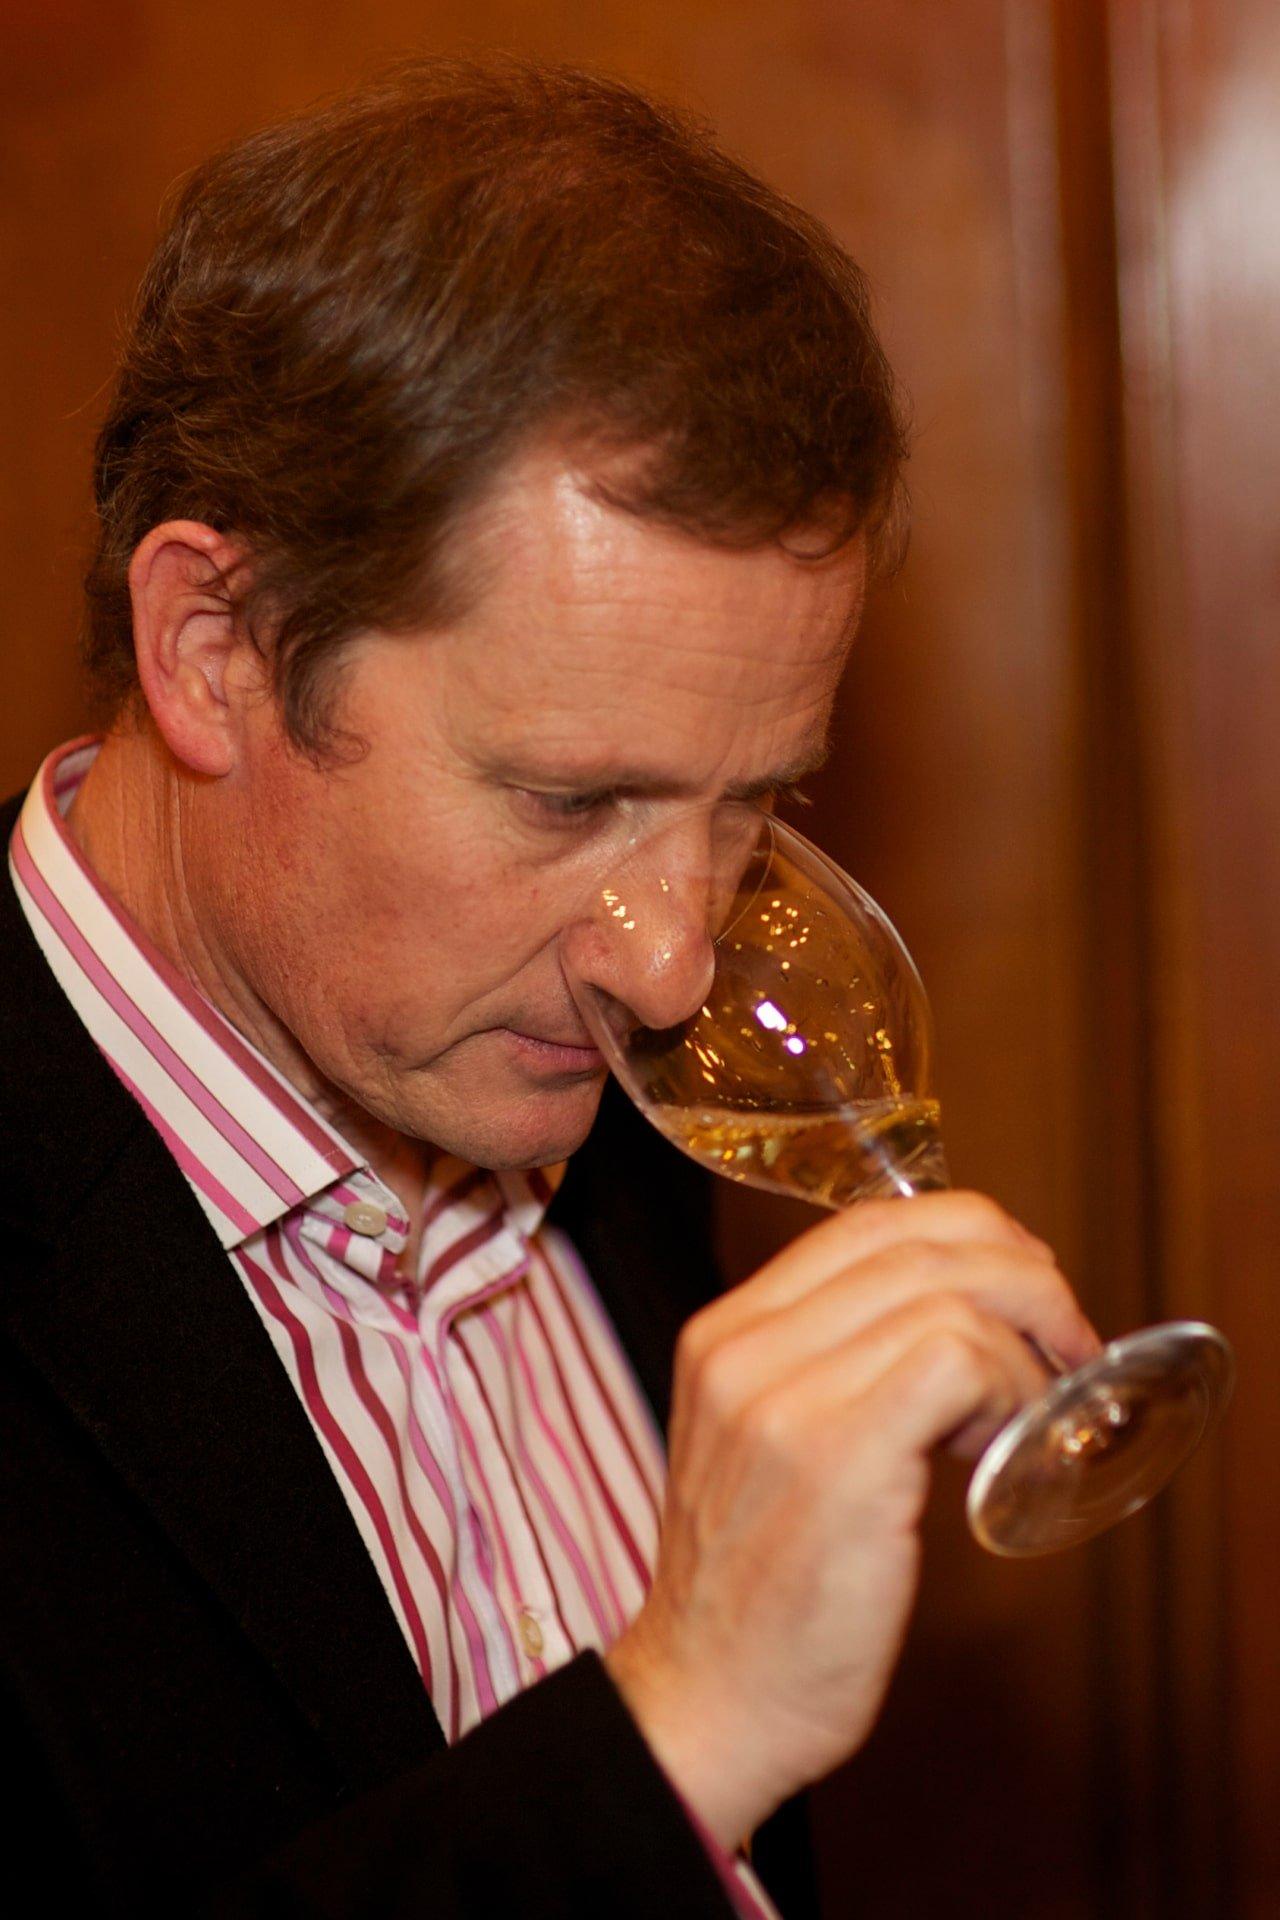 Matthew Stubbs Master of Wine